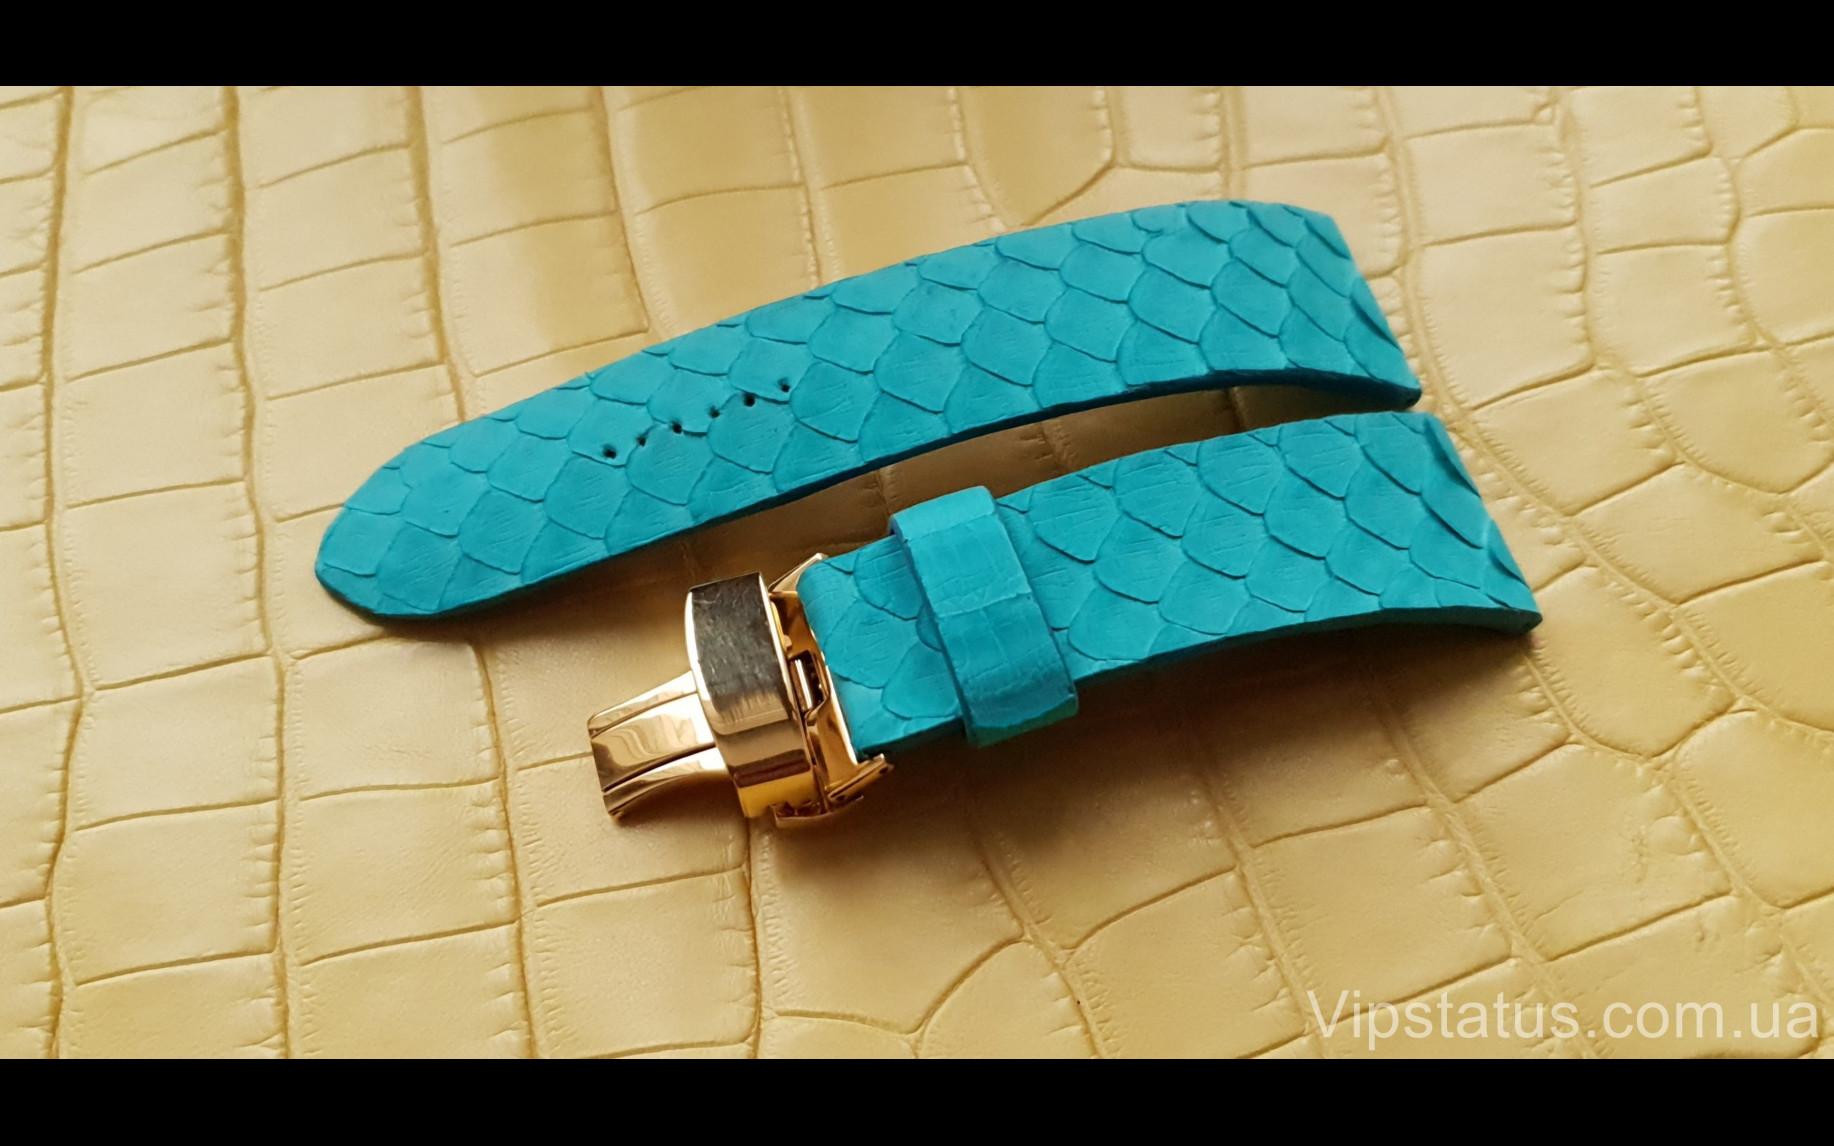 Элитный Люксовый ремешок для часов Tiffany кожа питона Люксовый ремешок для часов Tiffany кожа питона изображение 2